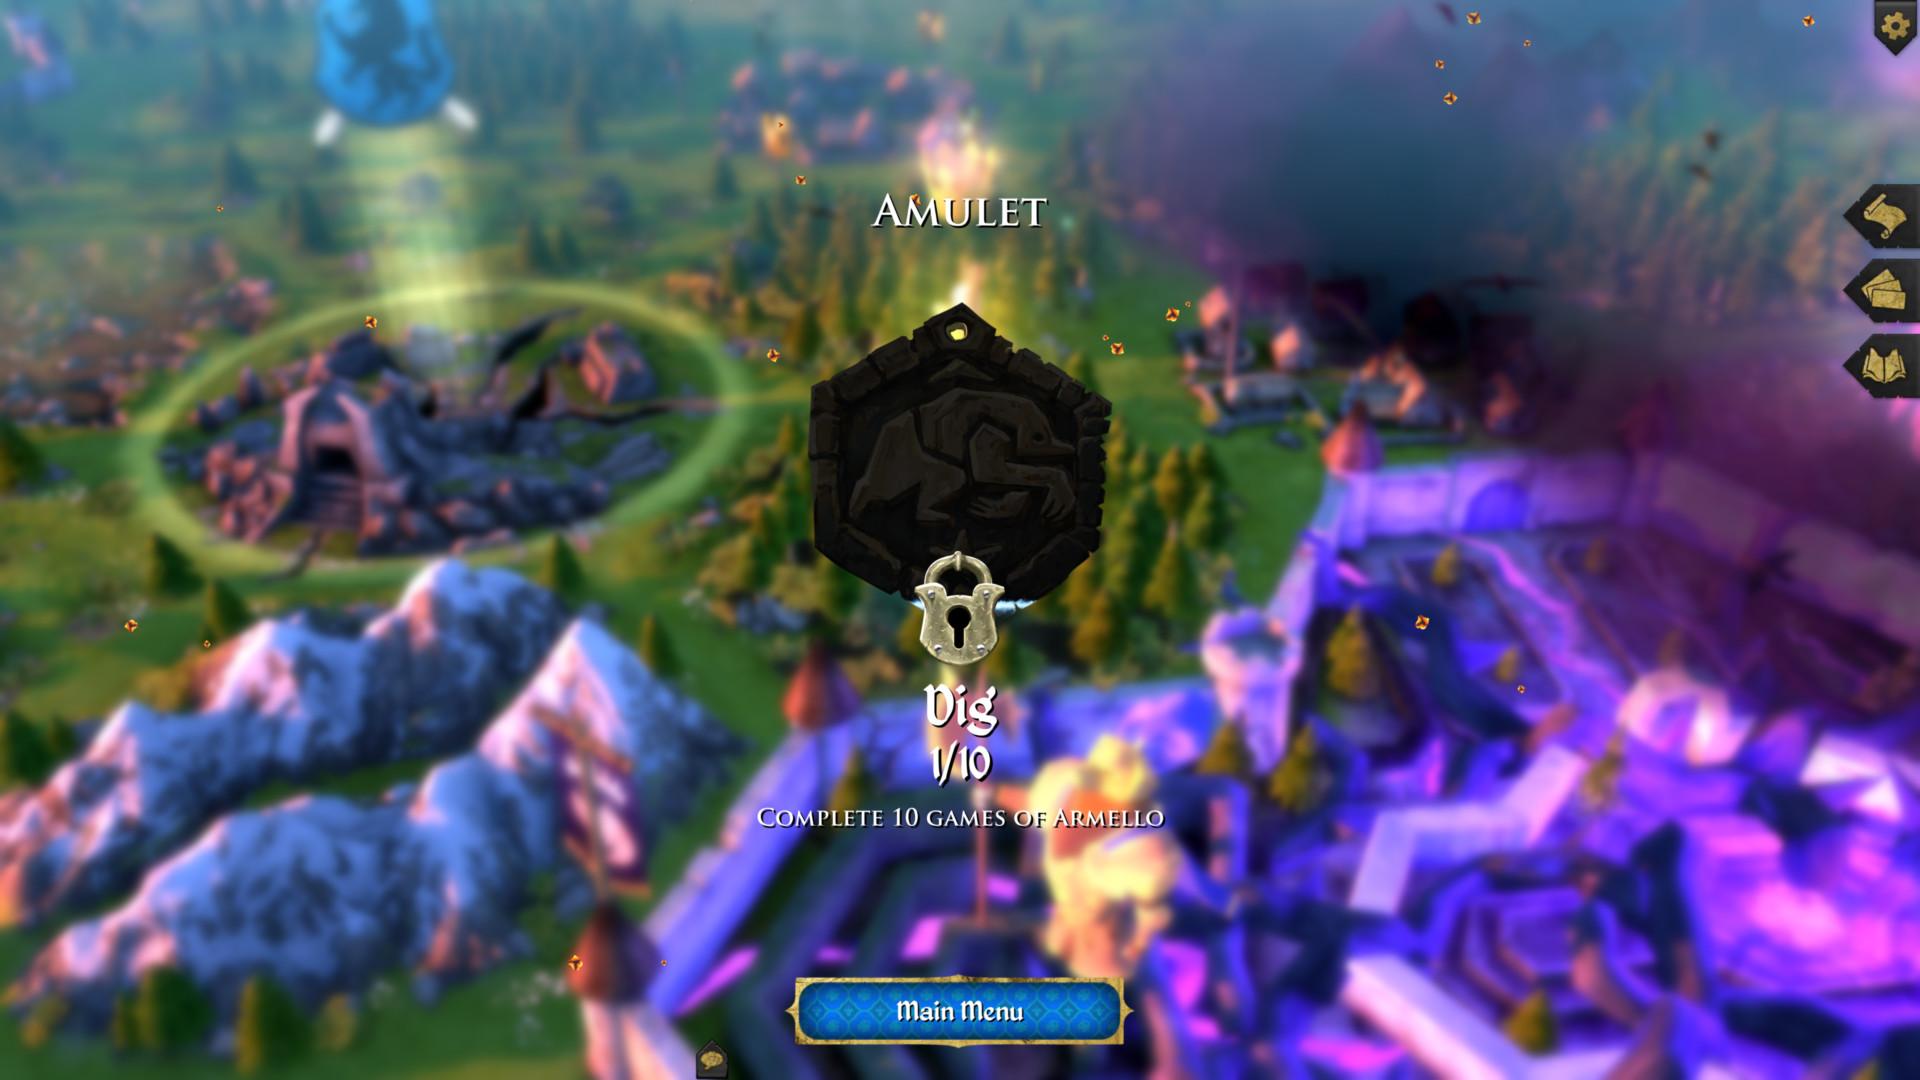 armello-complete-10-games-of-armello